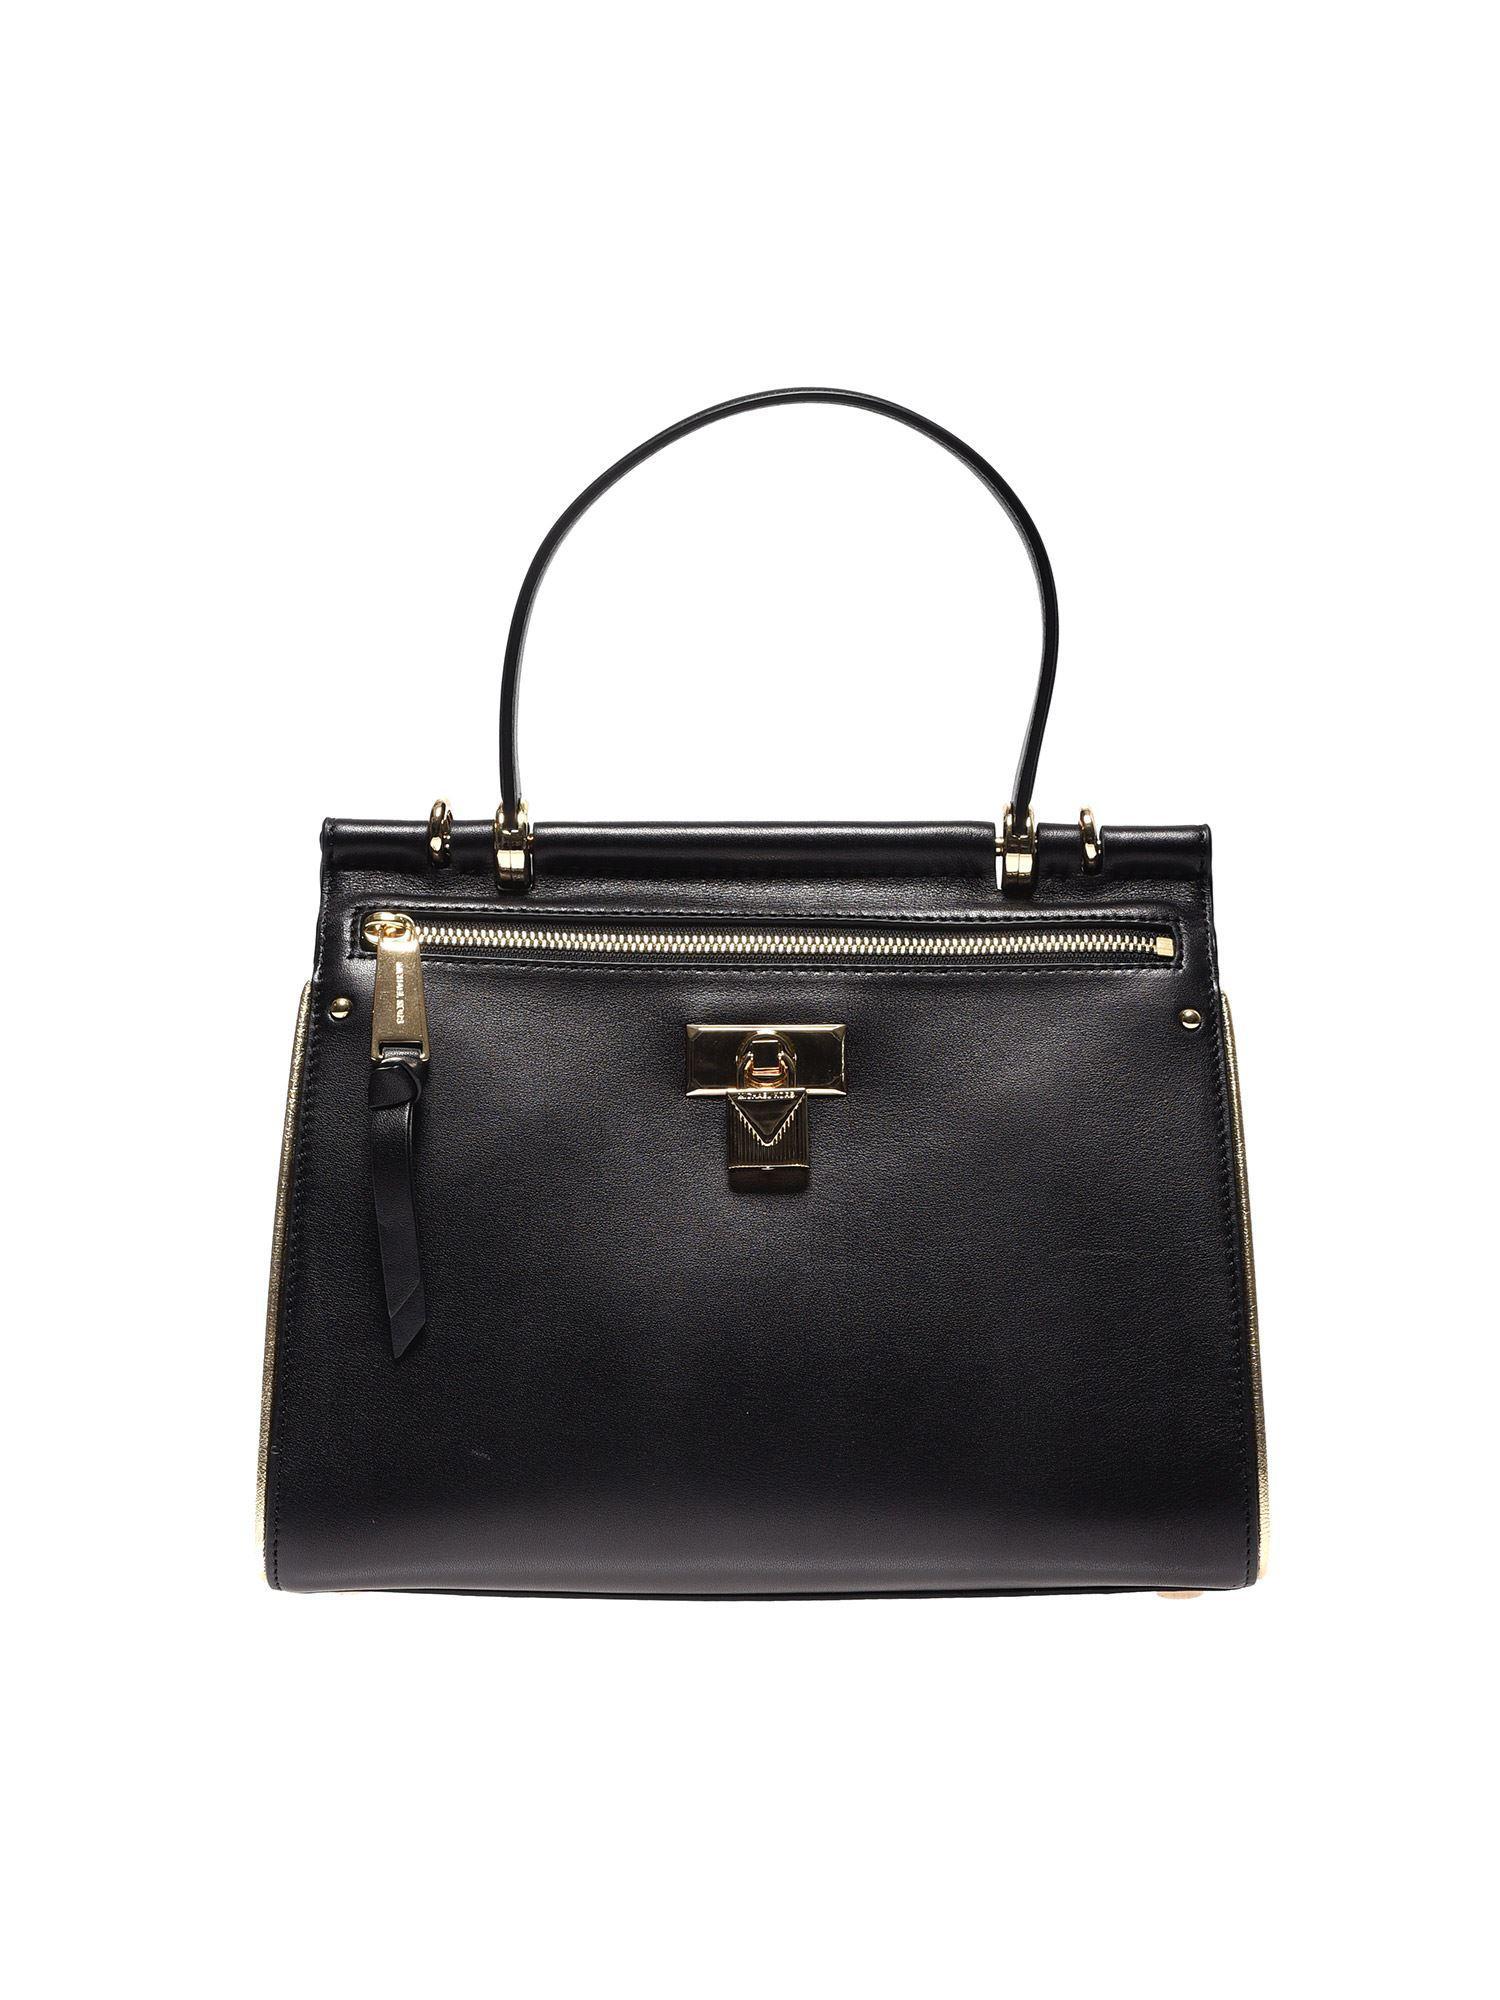 02e58fe14e24 Lyst - Michael Kors Jasmine Medium Bag In Black Leather in Black